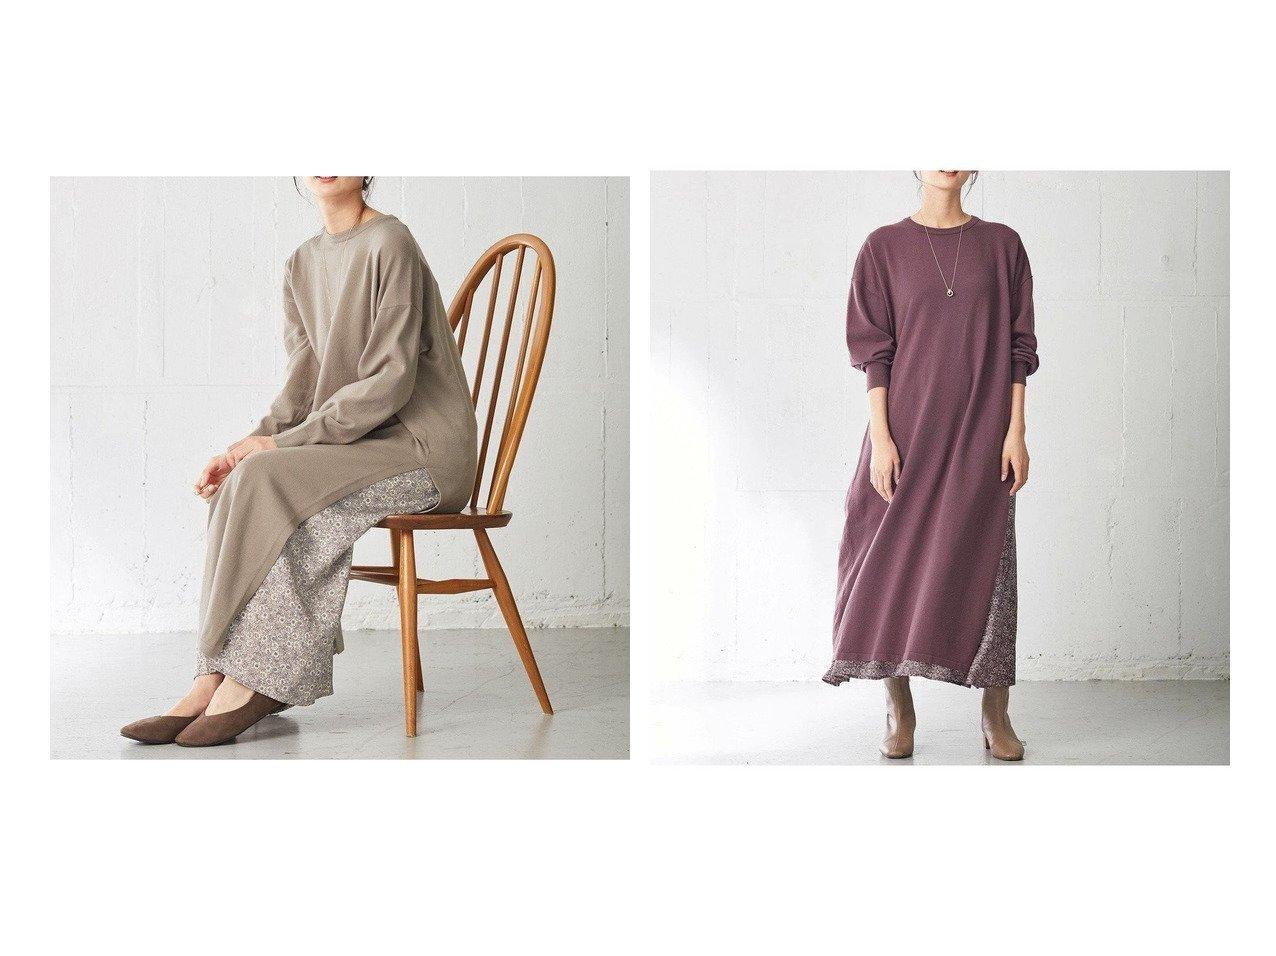 【any FAM/エニィファム】のロングニット×フラワースカート セット 【スカート】おすすめ!人気、トレンド・レディースファッションの通販 おすすめで人気の流行・トレンド、ファッションの通販商品 インテリア・家具・メンズファッション・キッズファッション・レディースファッション・服の通販 founy(ファニー) https://founy.com/ ファッション Fashion レディースファッション WOMEN スカート Skirt 送料無料 Free Shipping ギャザー シンプル スリット セーター トレンド バランス フェミニン フラワー プリント ロング 洗える |ID:crp329100000071374